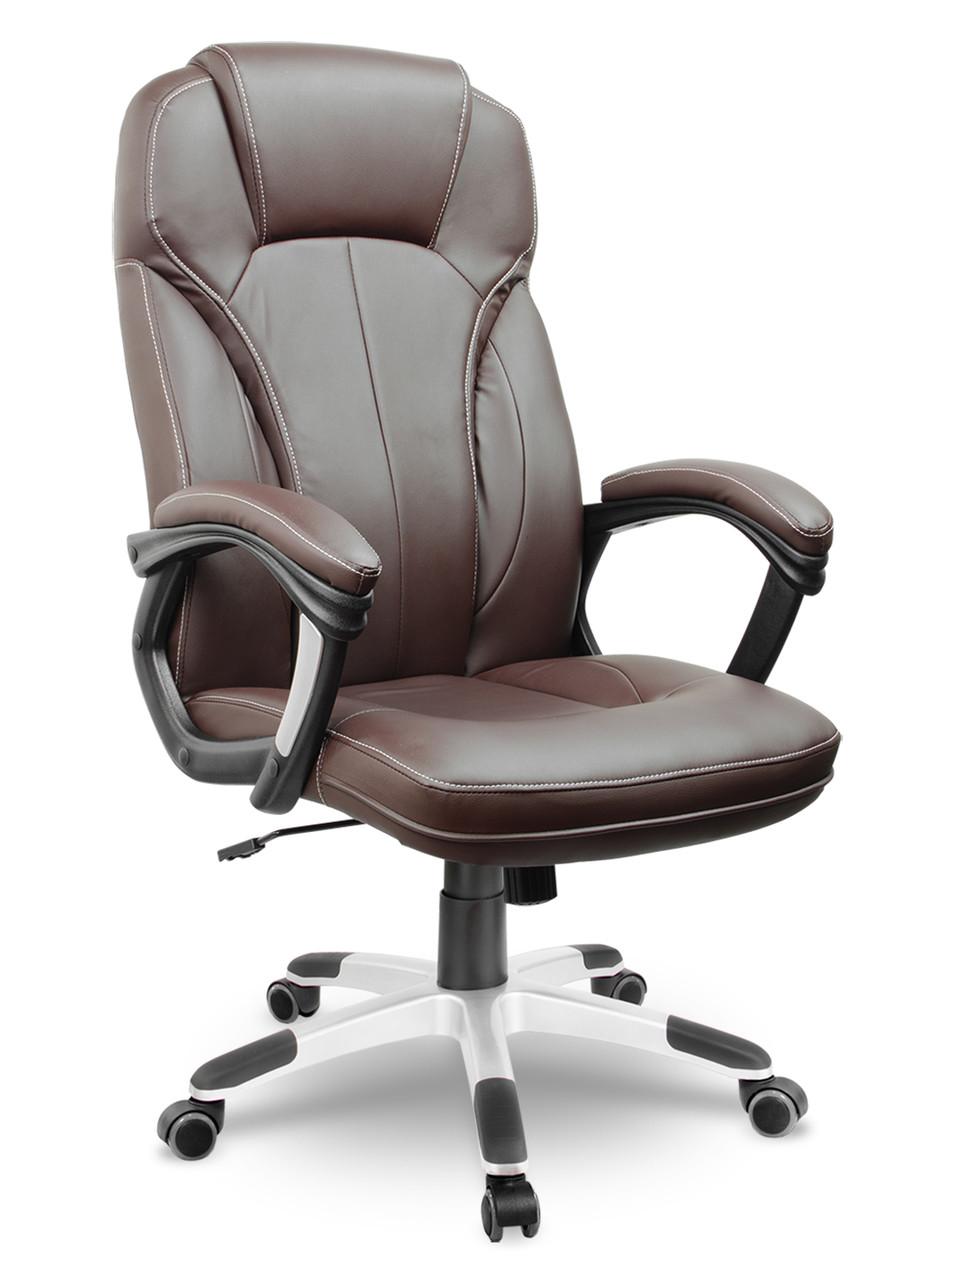 Кожаное офисное кресло Sofotel EG-222 коричневое